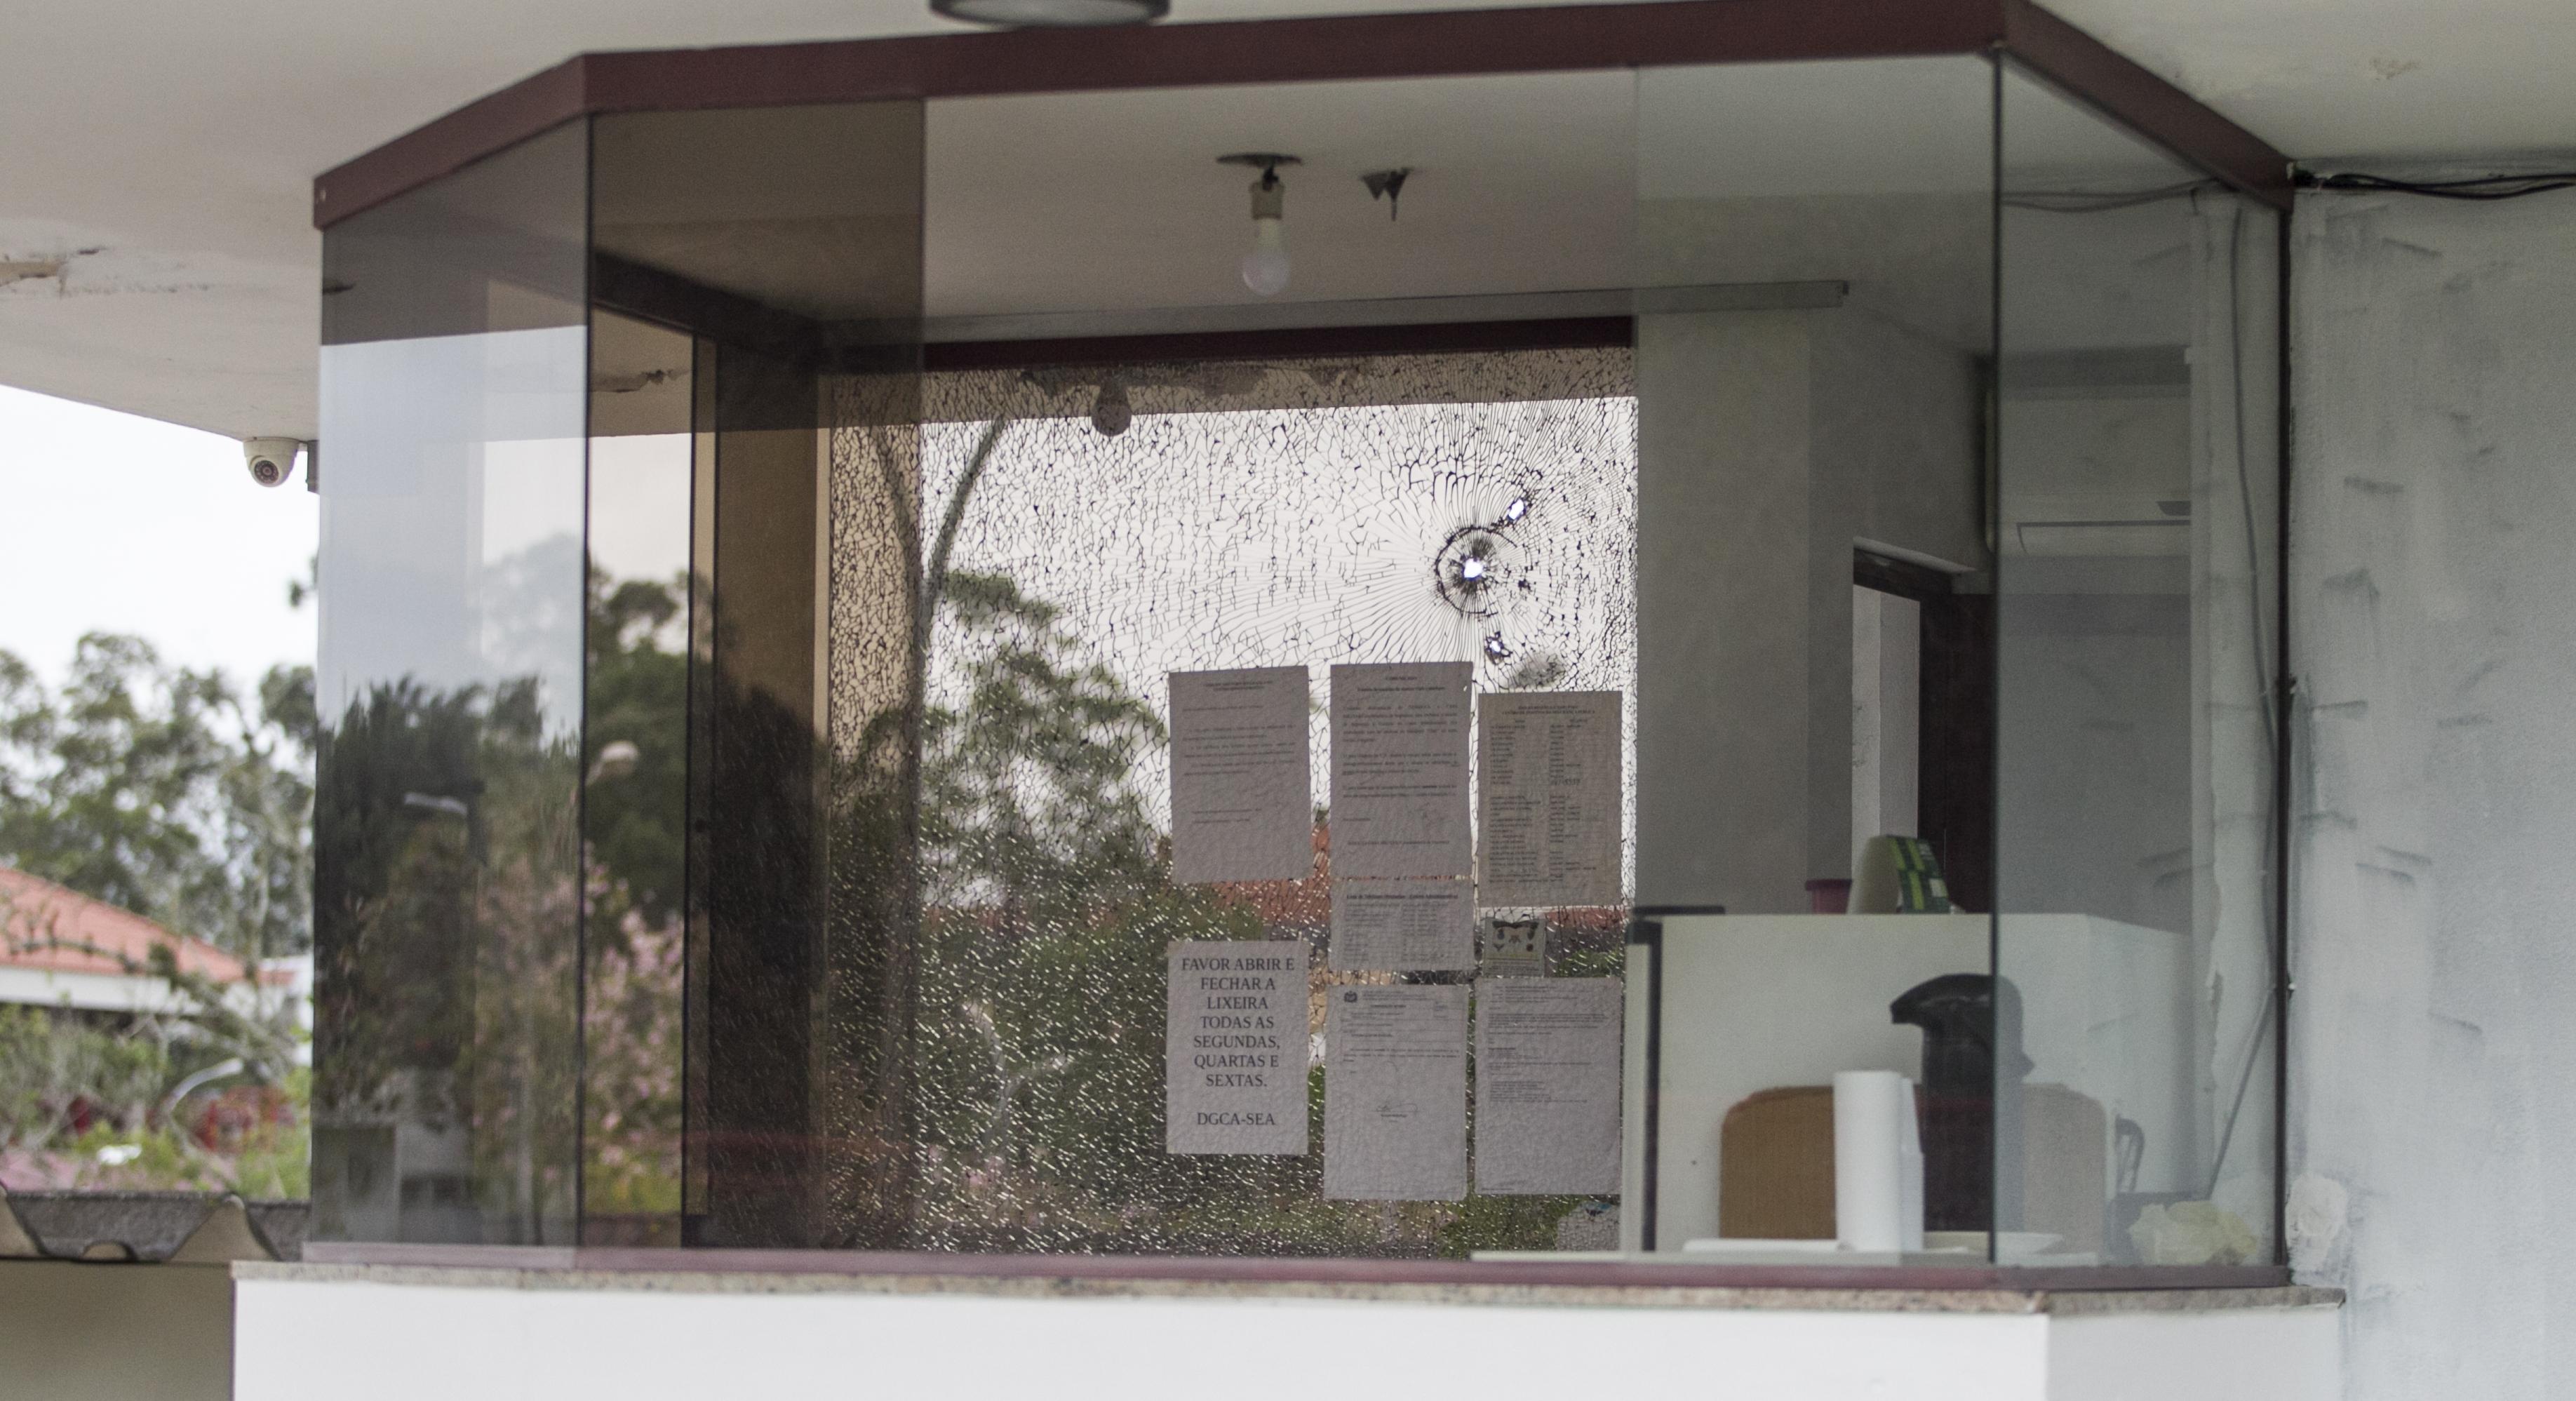 Ataque à guarita do Centro Administrativo de Santa Catarina - Marco Santiago/ND